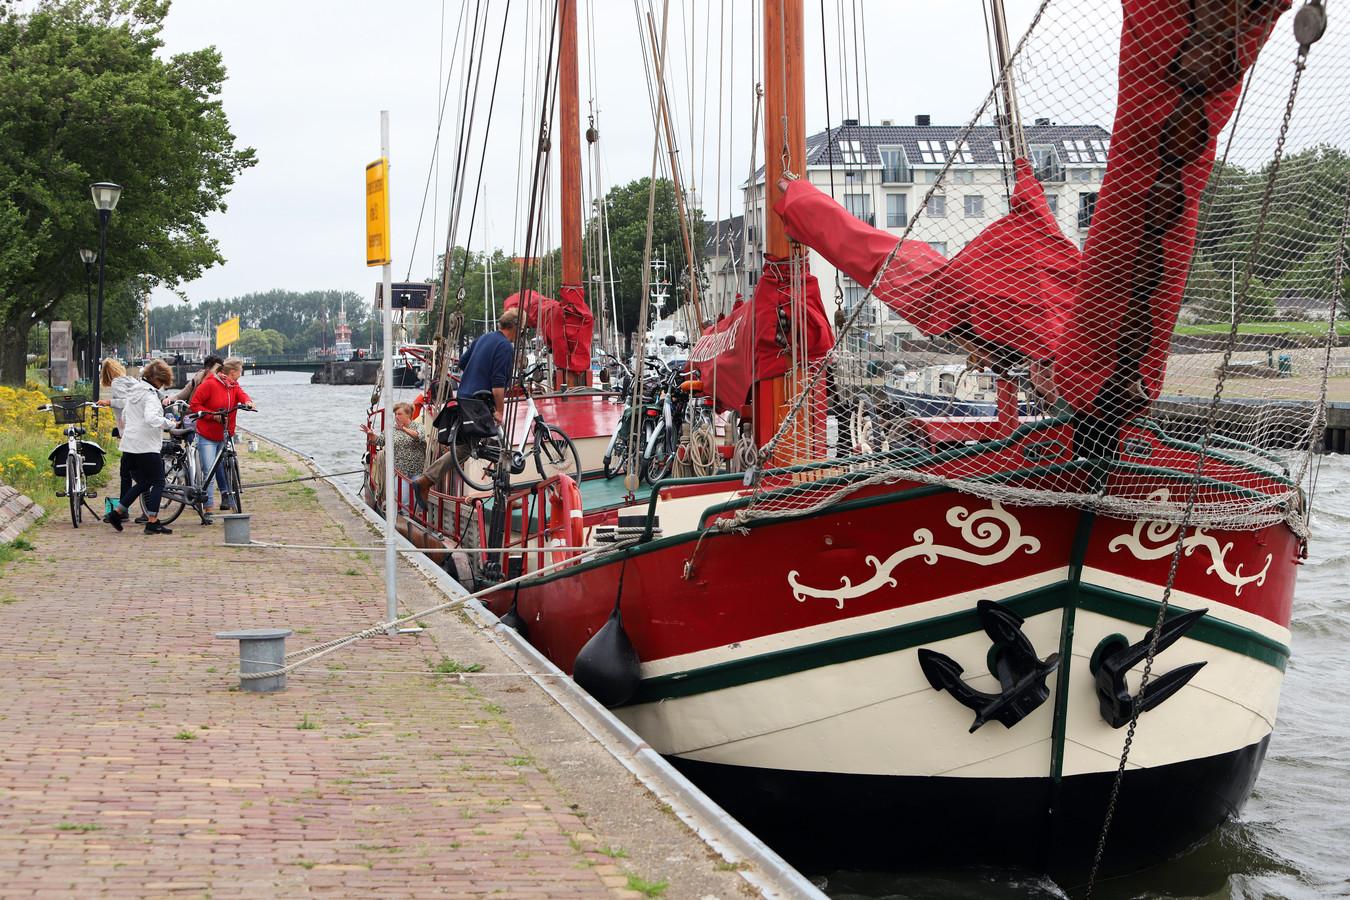 Passagiers en fietsen gaan aan boord van Linquenda II in Hellevoetsluis om te varen naar het eiland Tiengemeten.